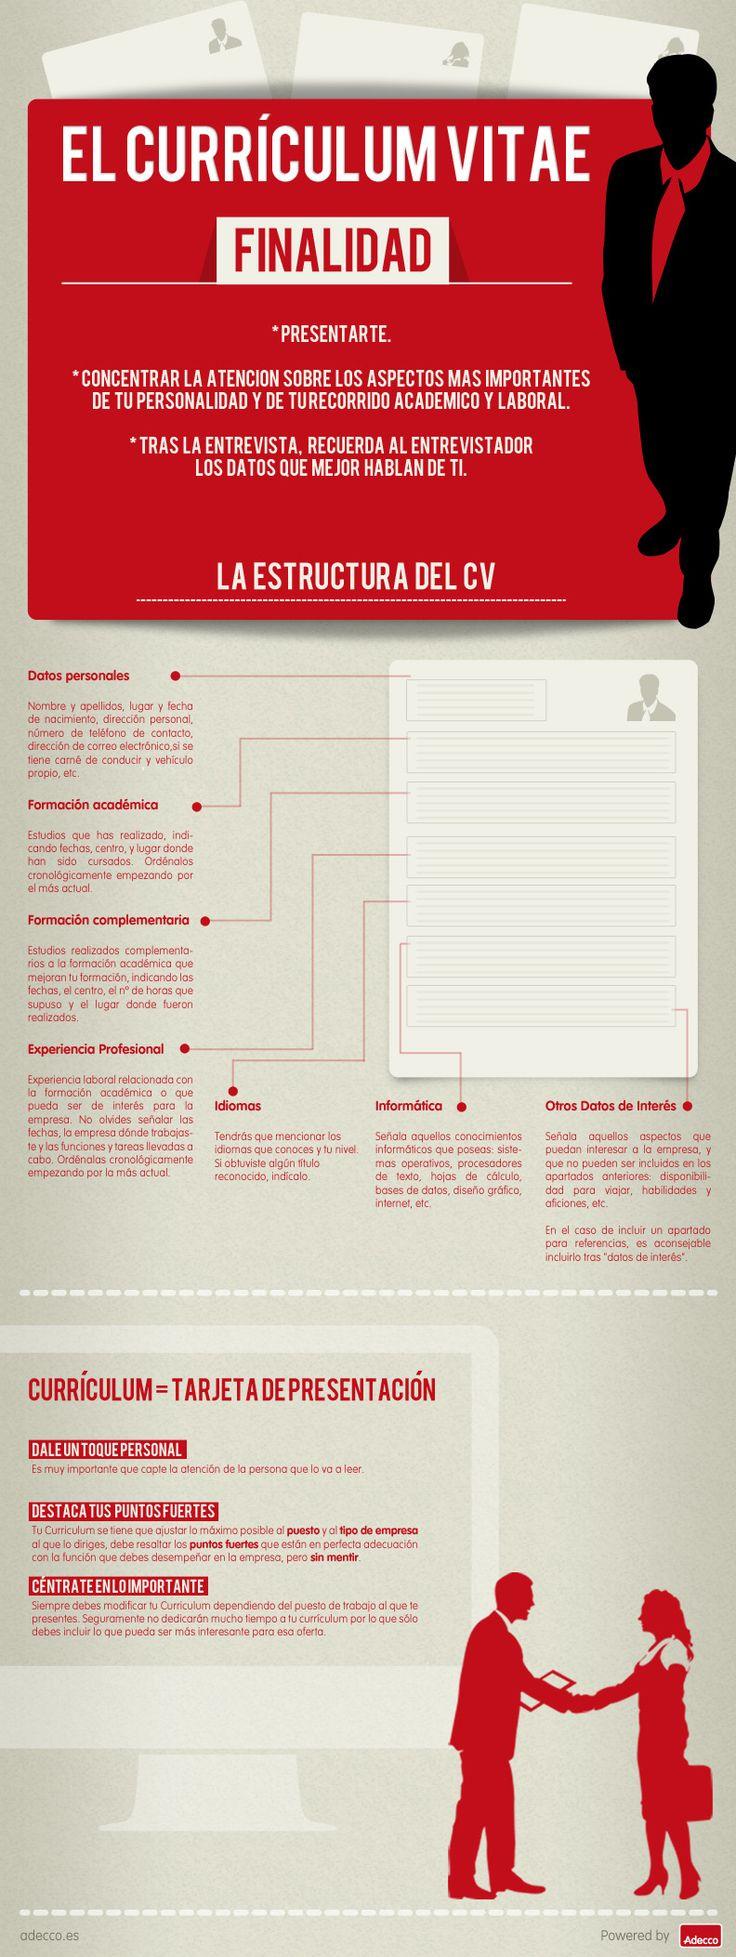 Cómo hacer bien un Curriculum Vitae #infografia #infographic #curriculum